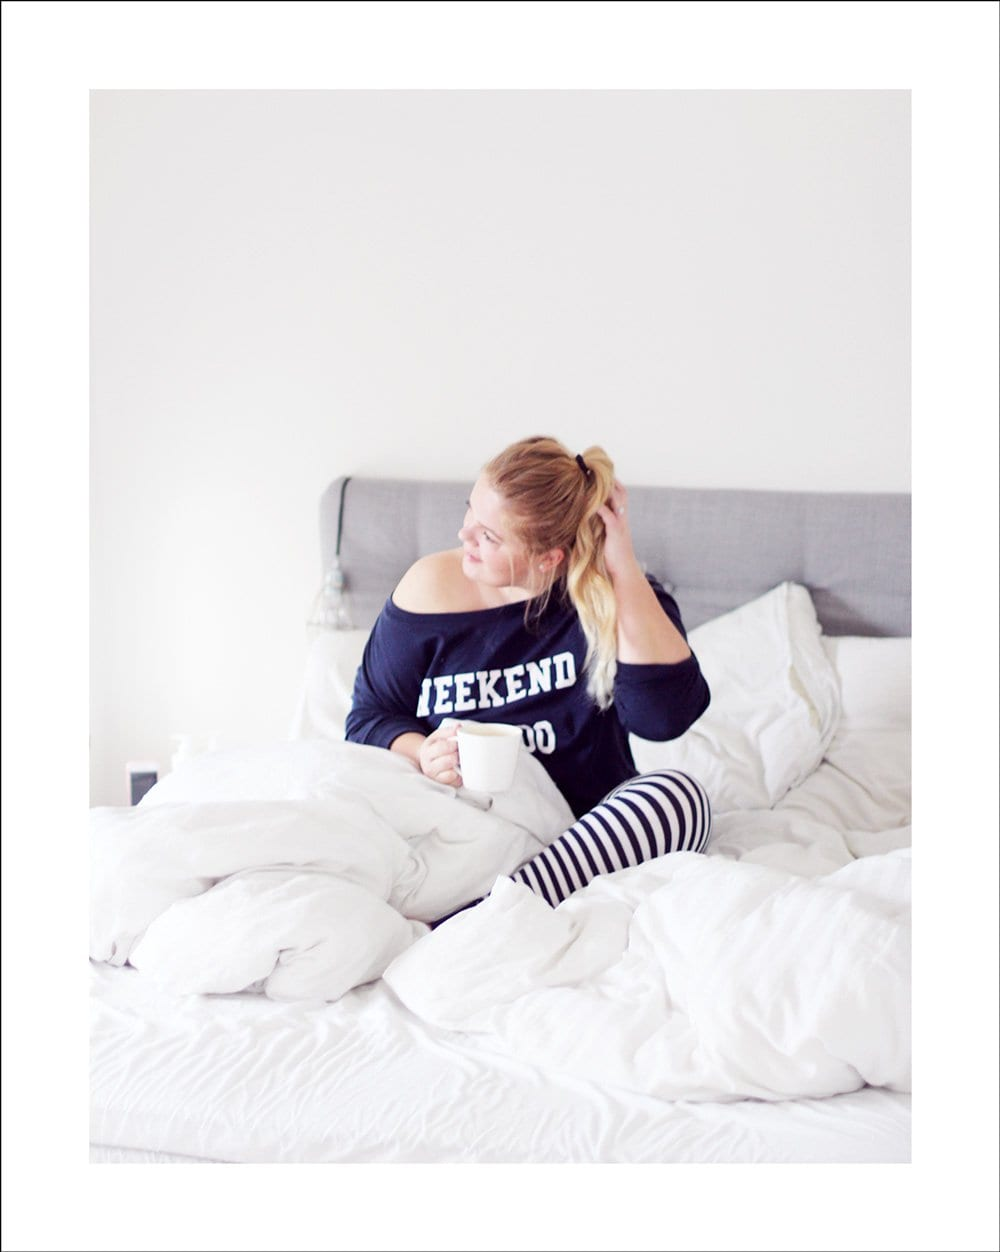 WEEKEND - ny pyjamas-favorit og rabatkode til H&M..